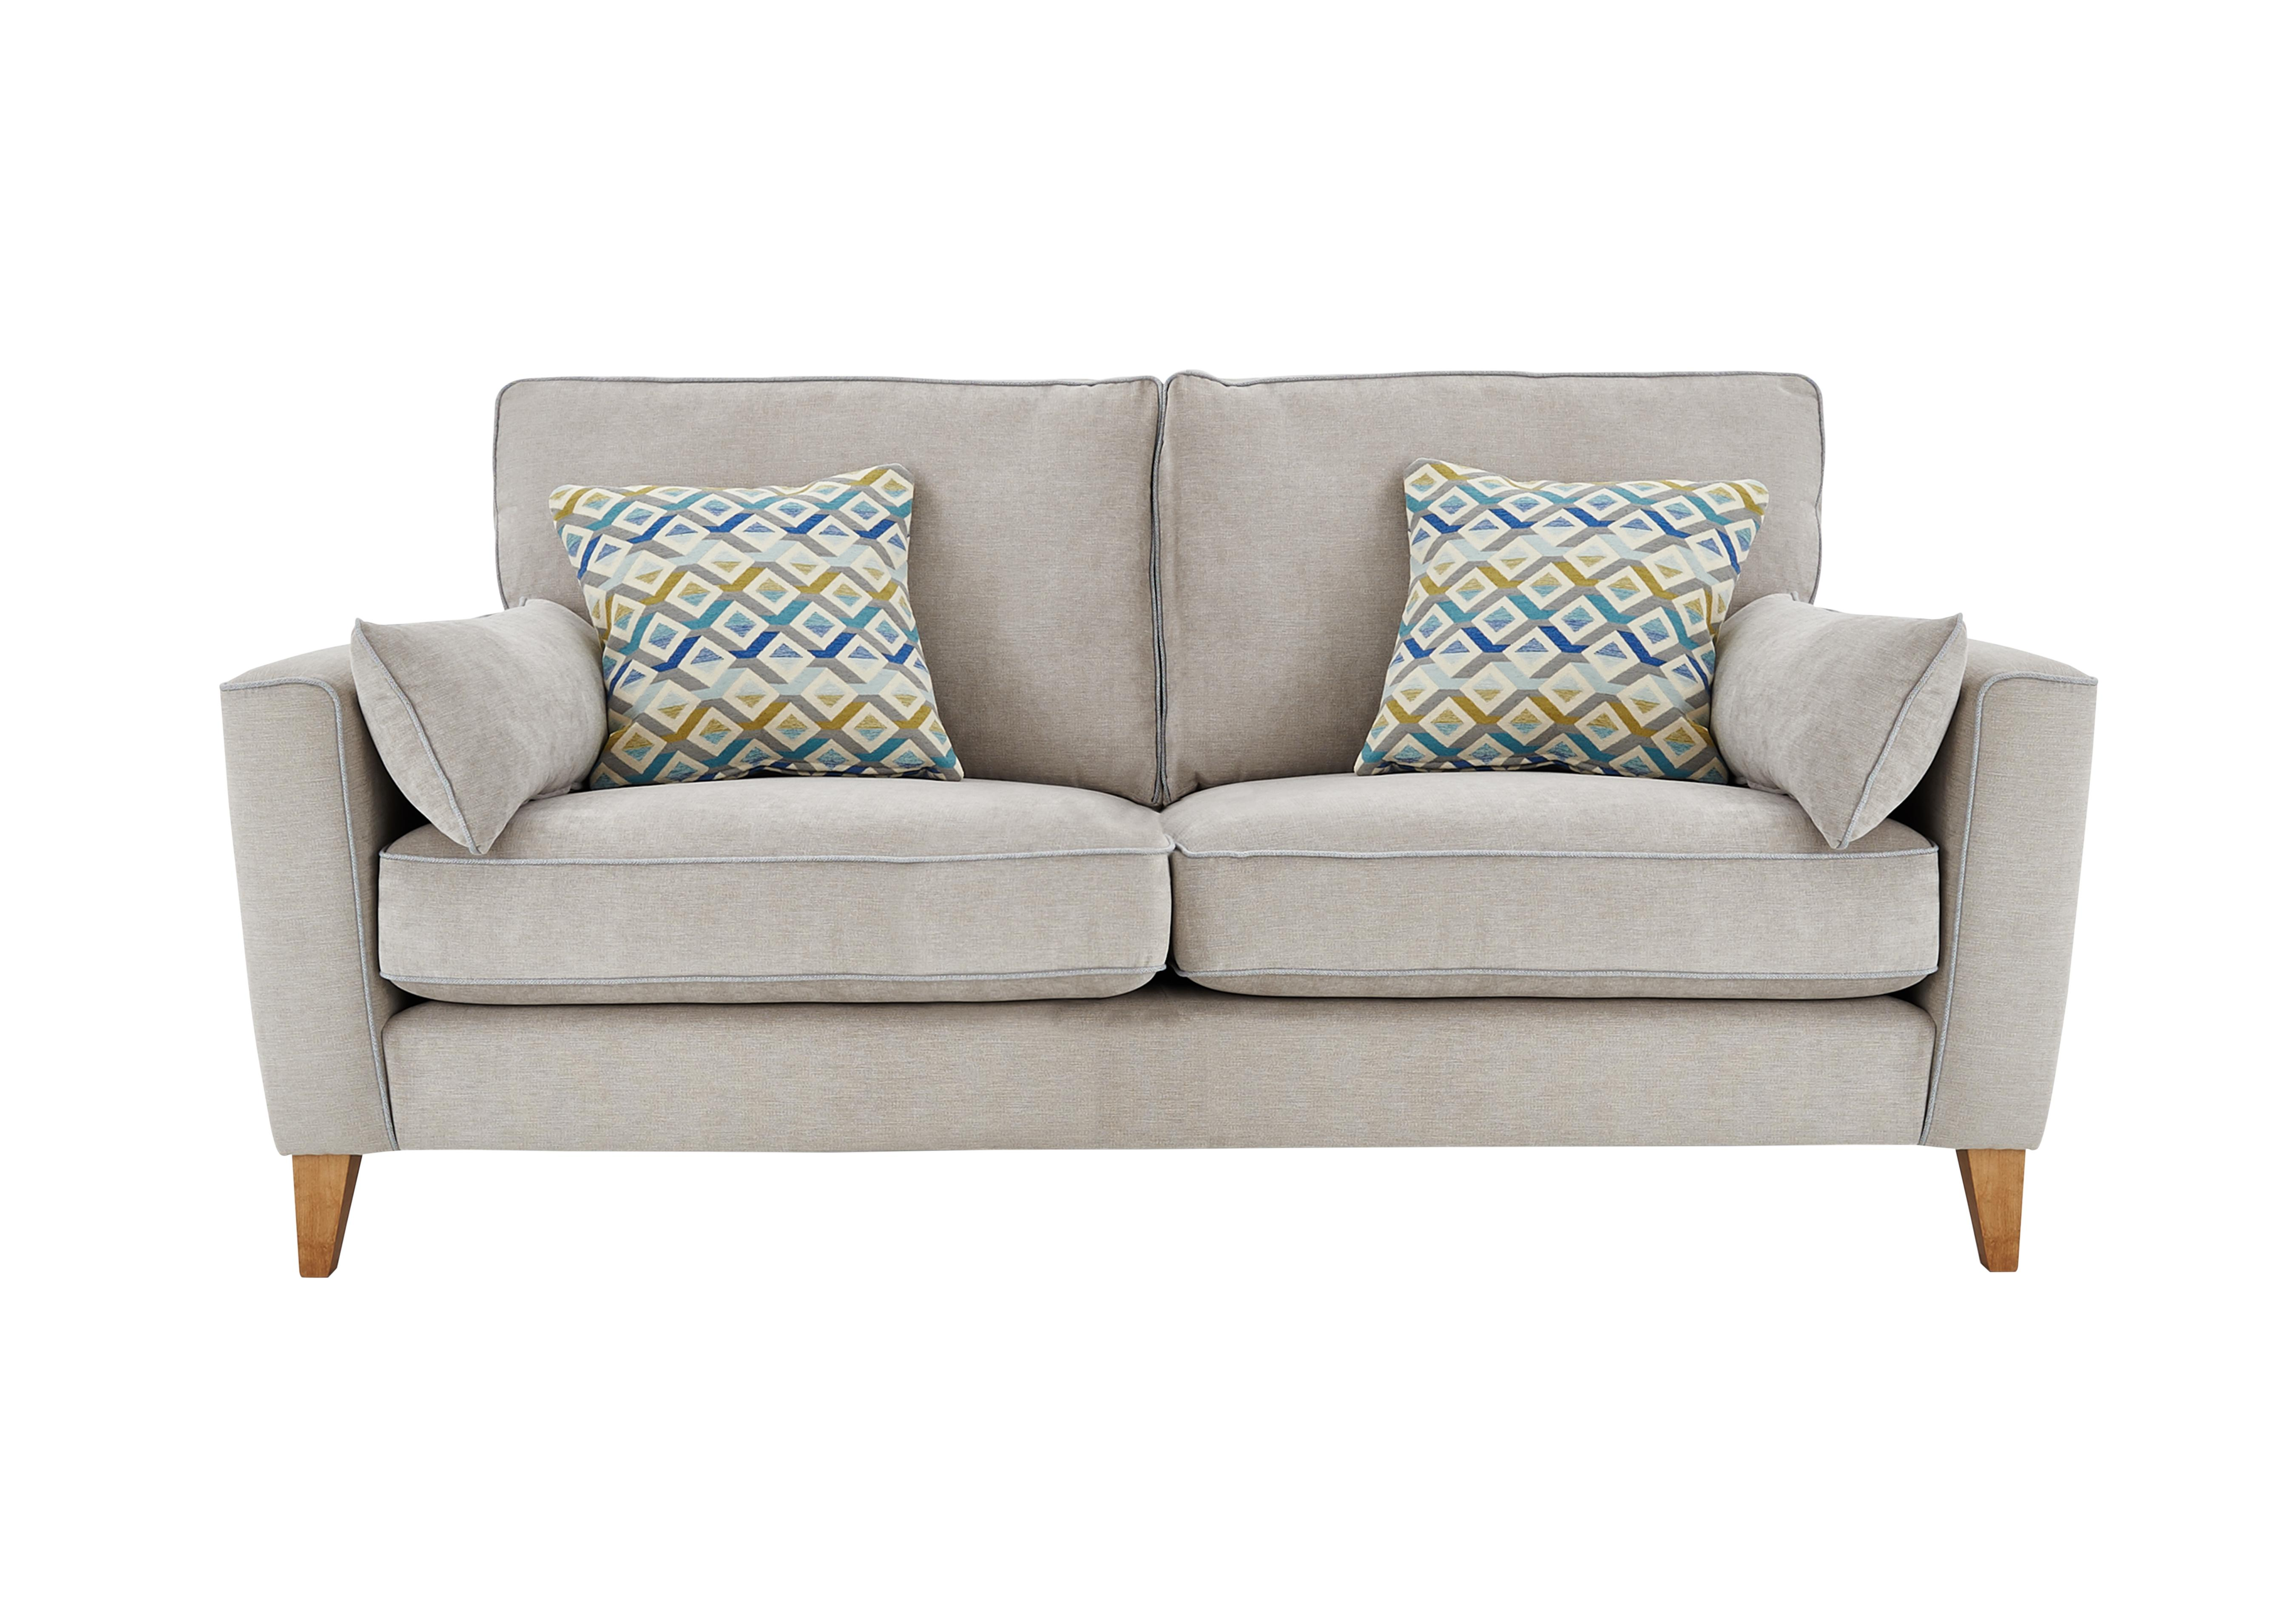 Superior Copenhagen 3 Seater Fabric Sofa